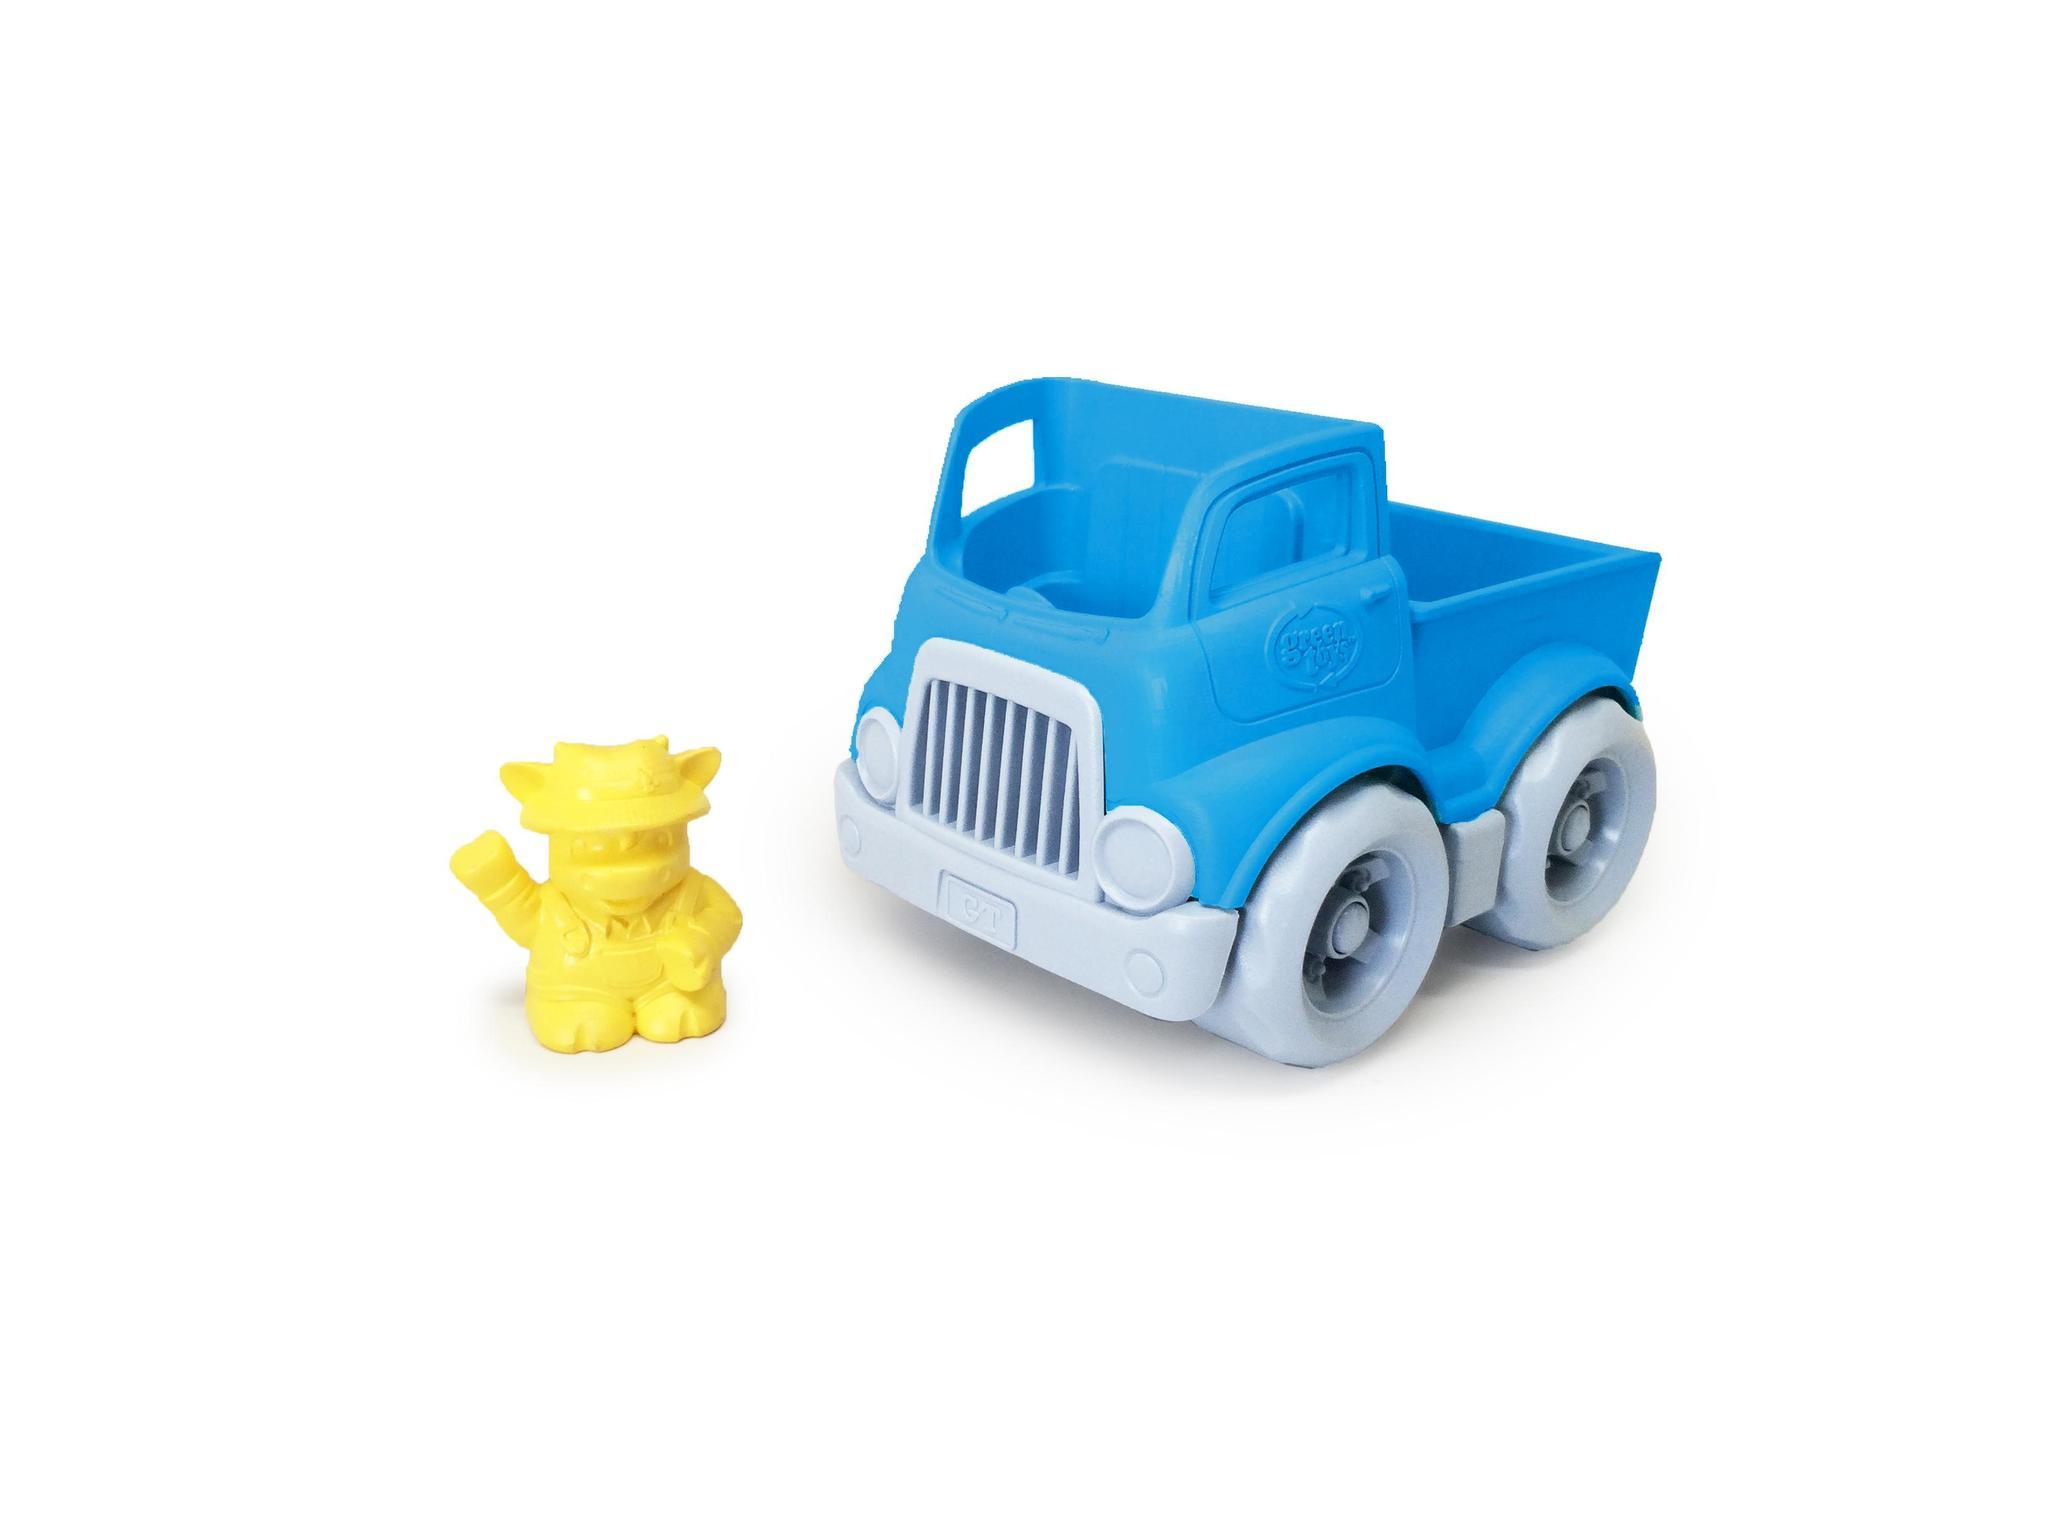 Mini pick-up truck